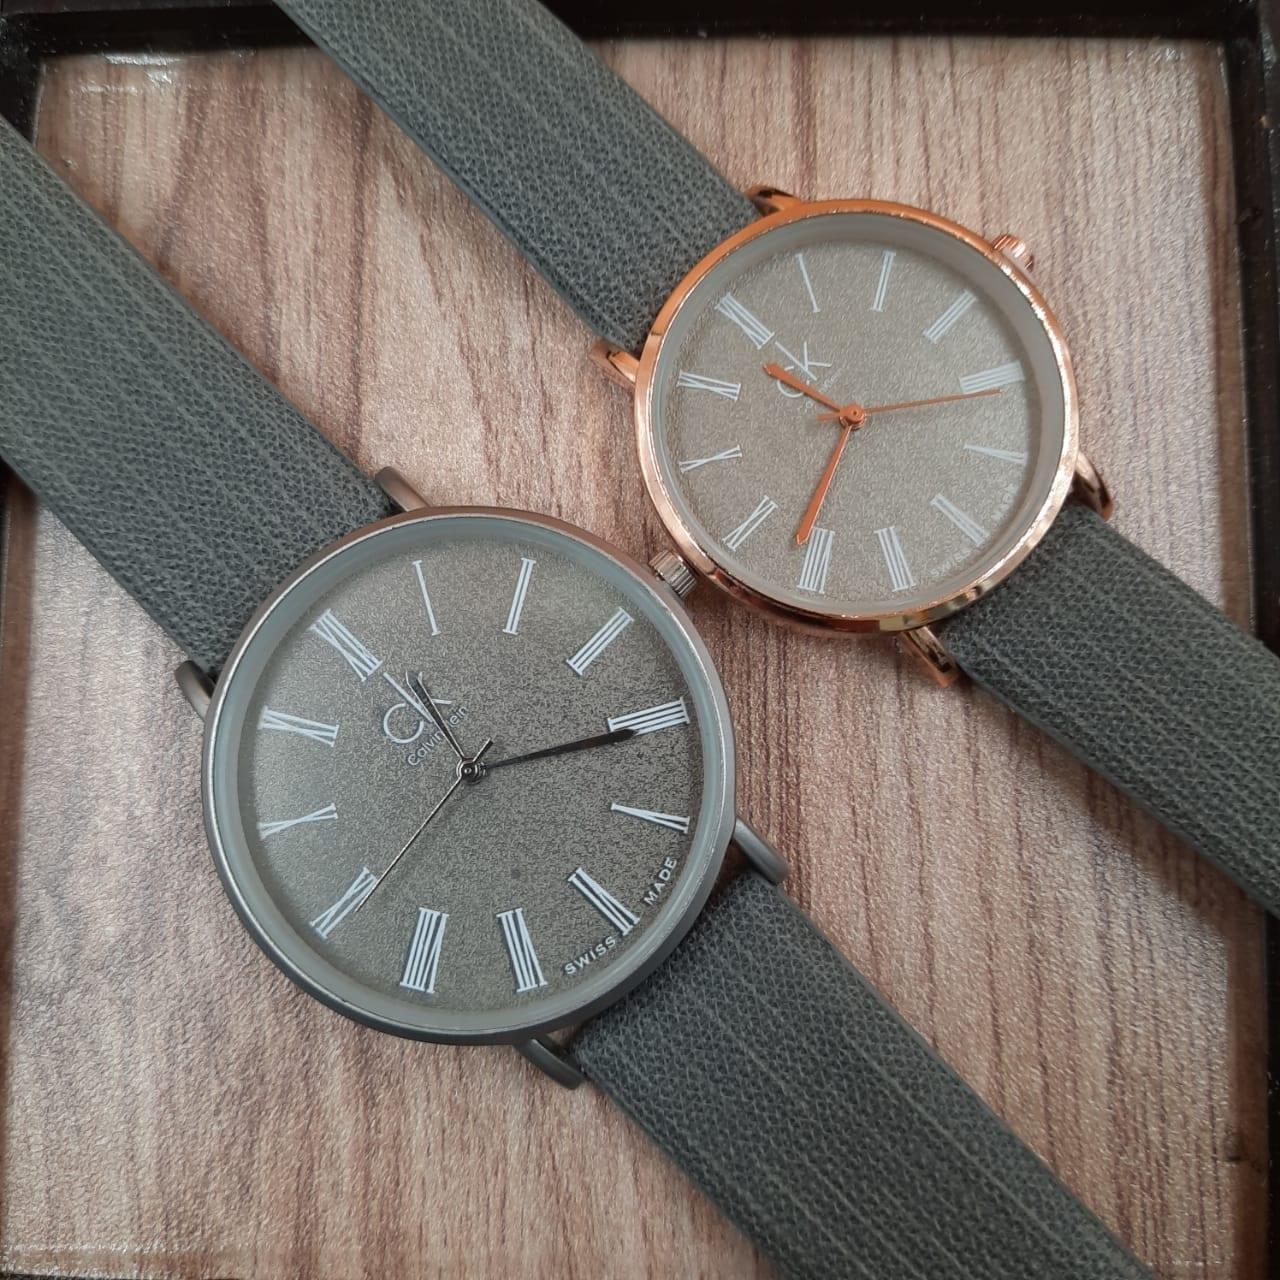 Buy Online Casual Wrist Watch For Men Women